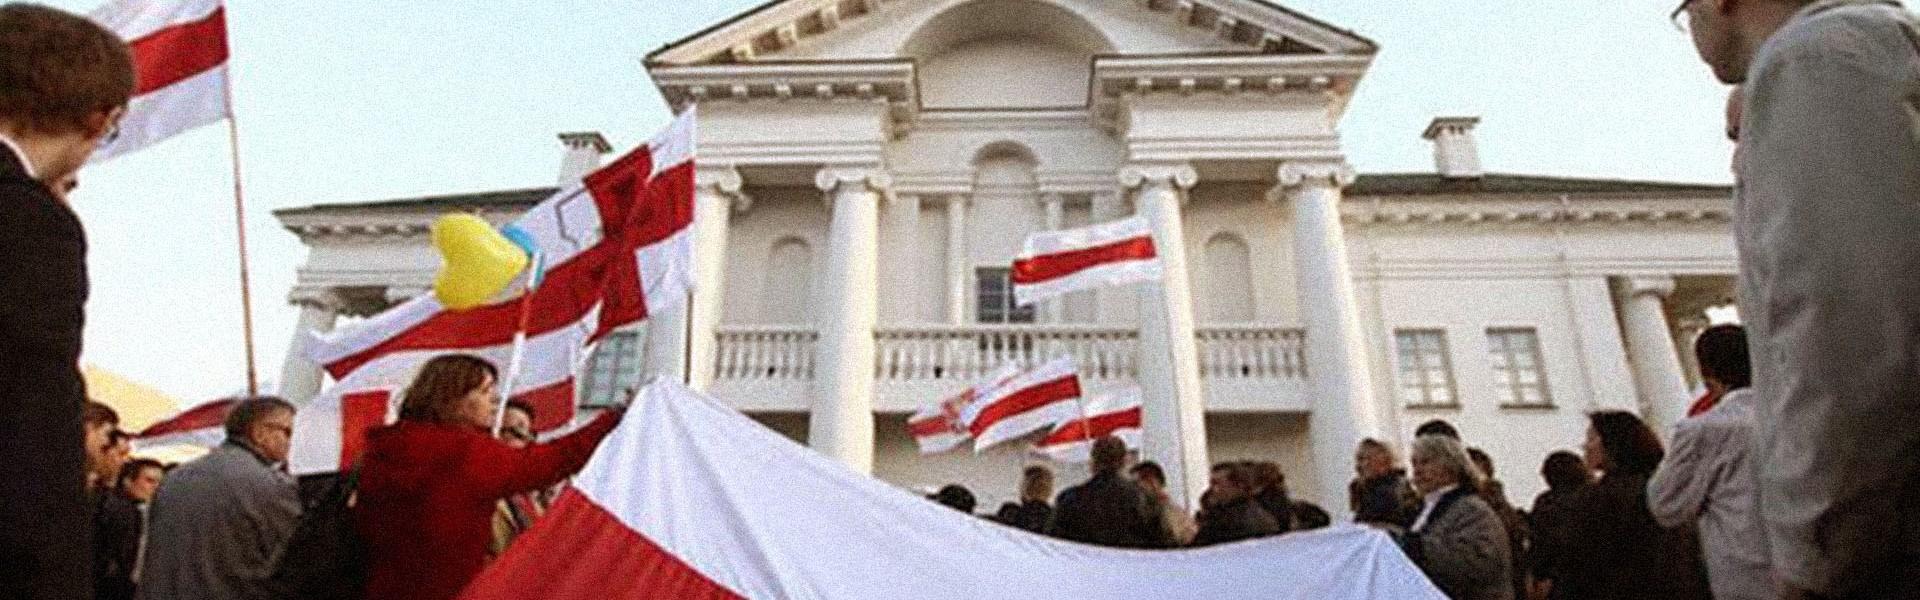 Что происходит в Беларуси